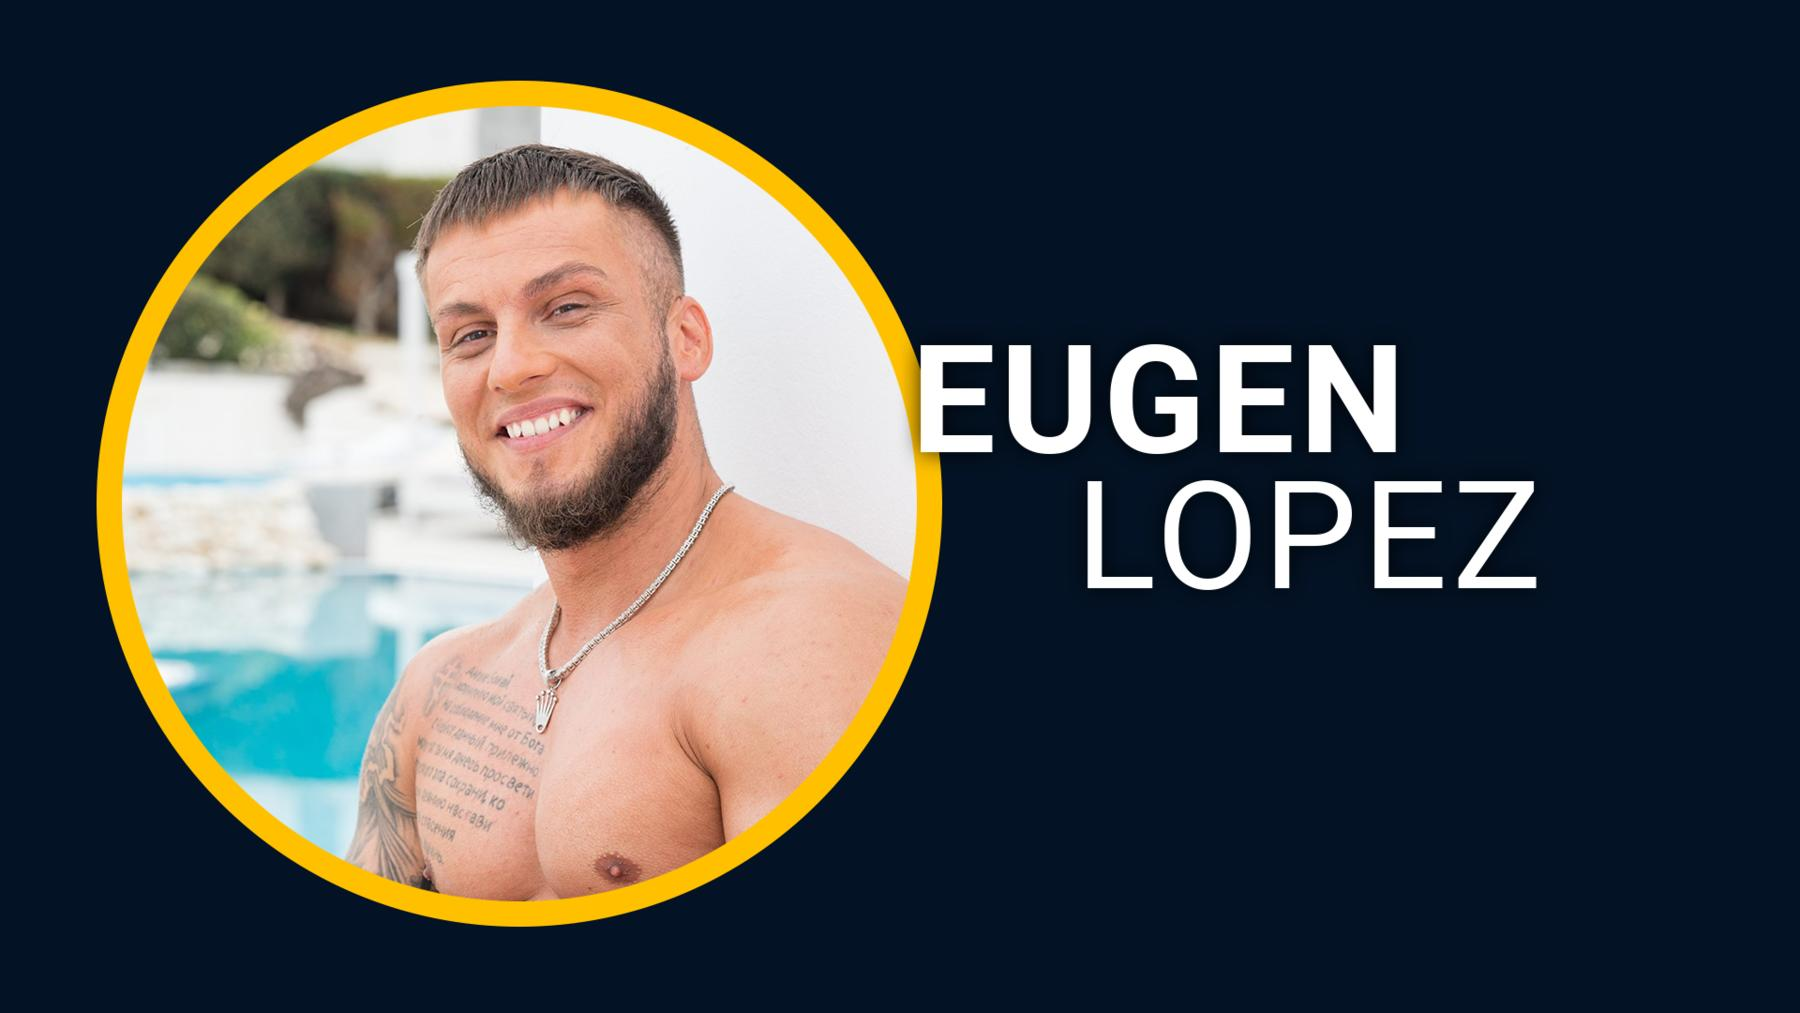 Eugen